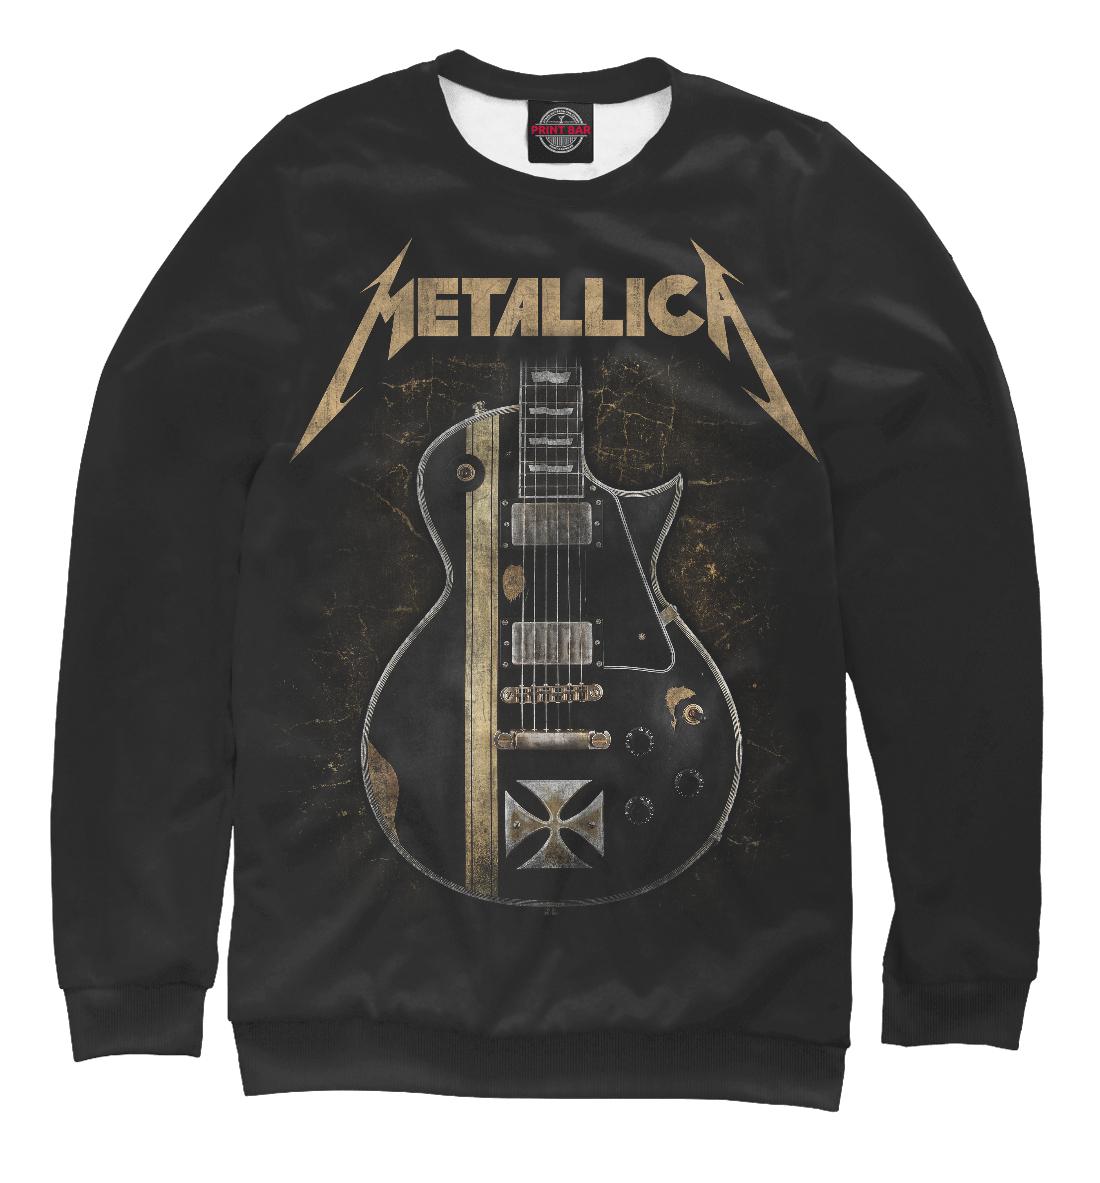 Купить Metallica, Printbar, Свитшоты, MET-156564-swi-1